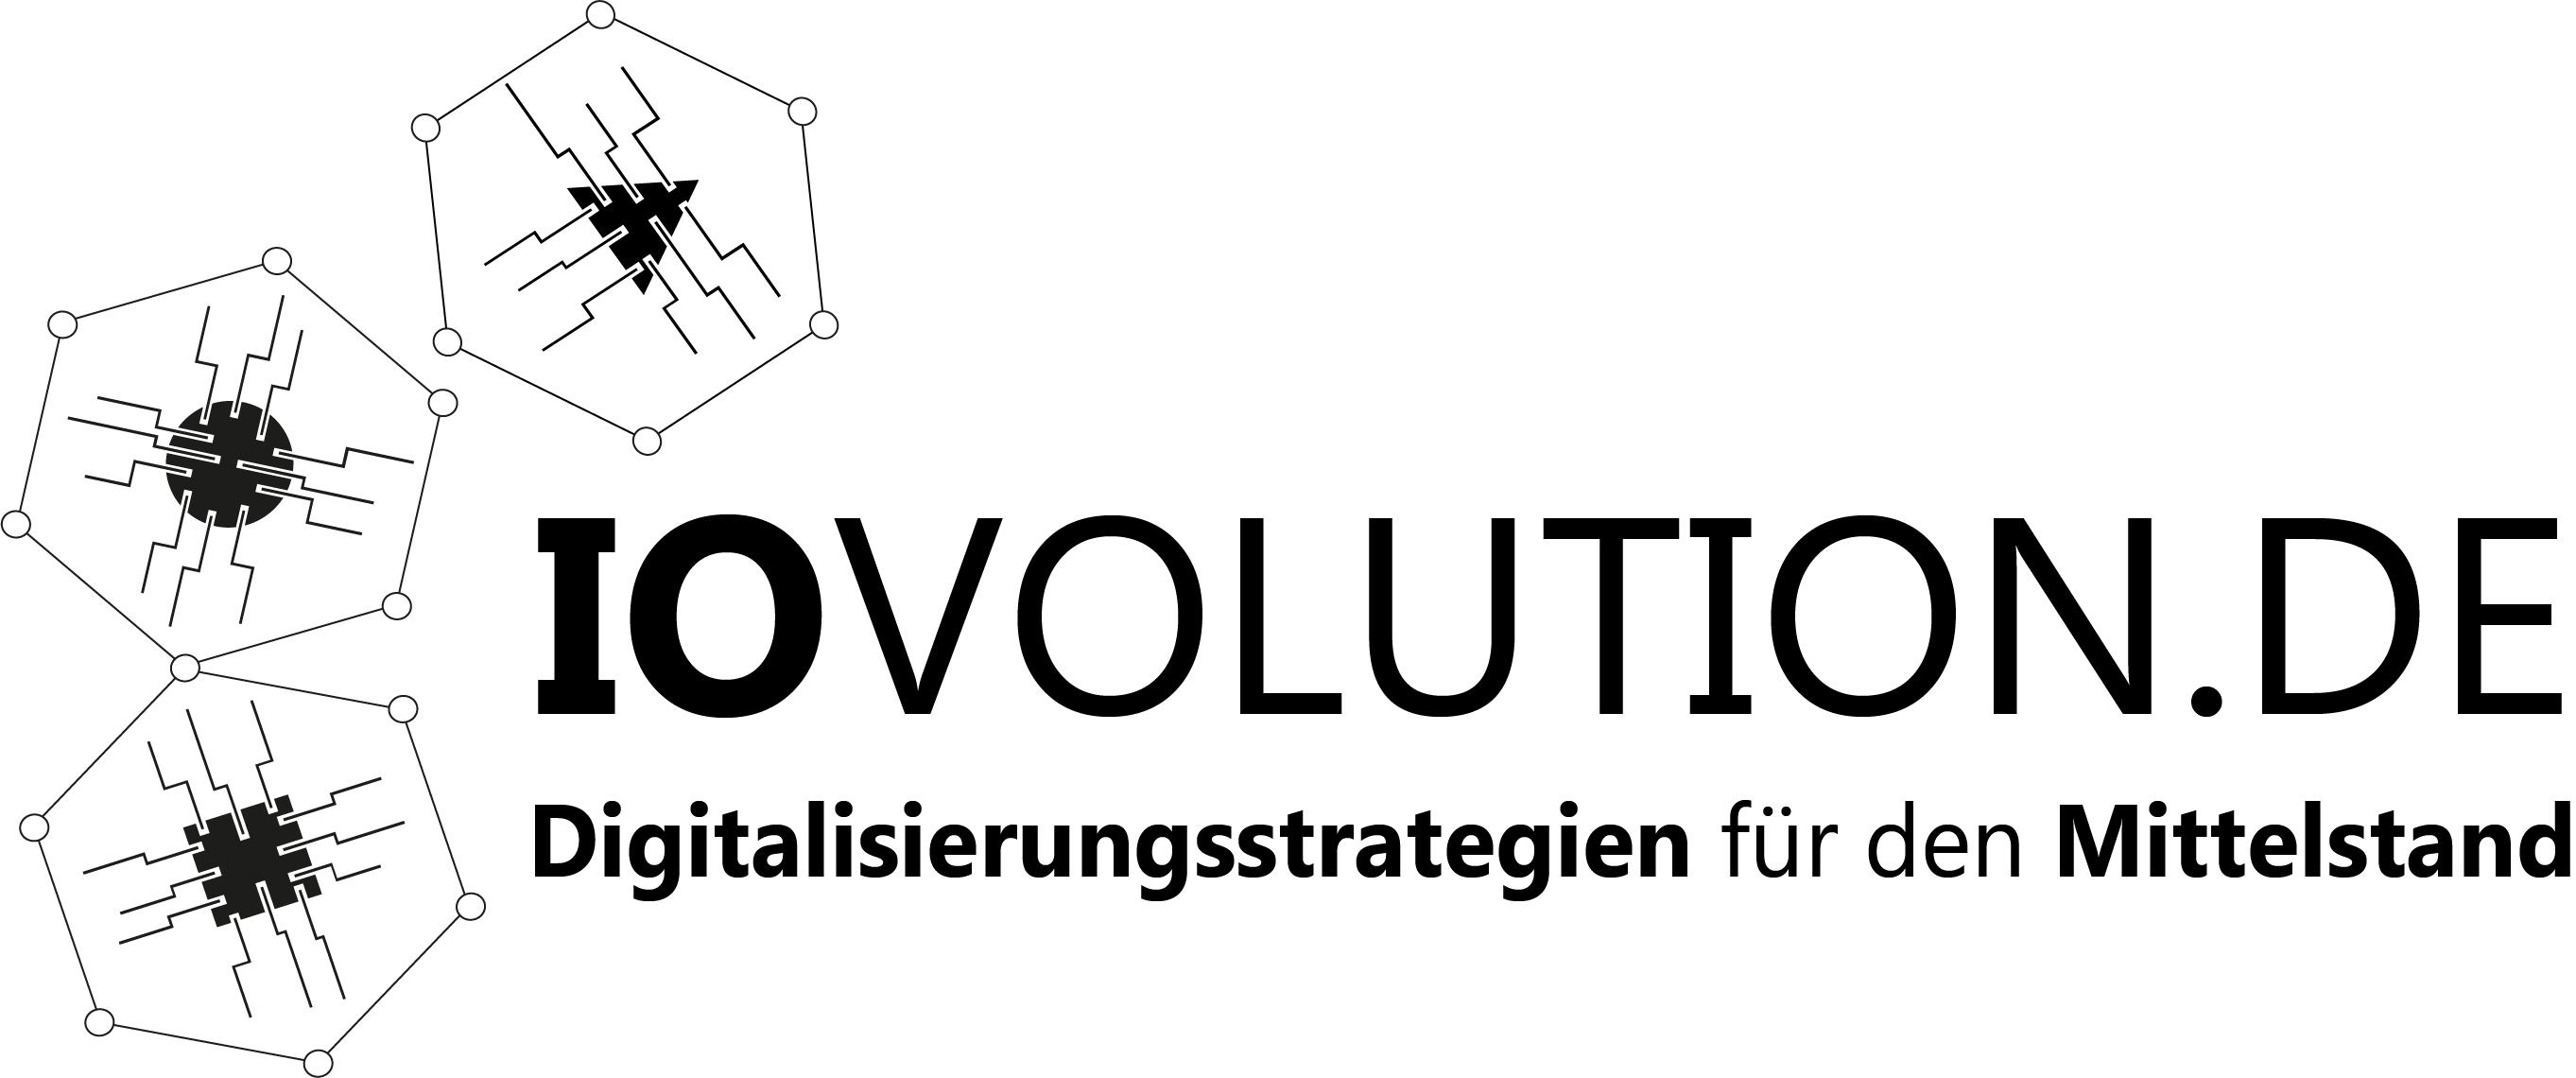 Urheber: futureorg Institut // Iodata GmbH